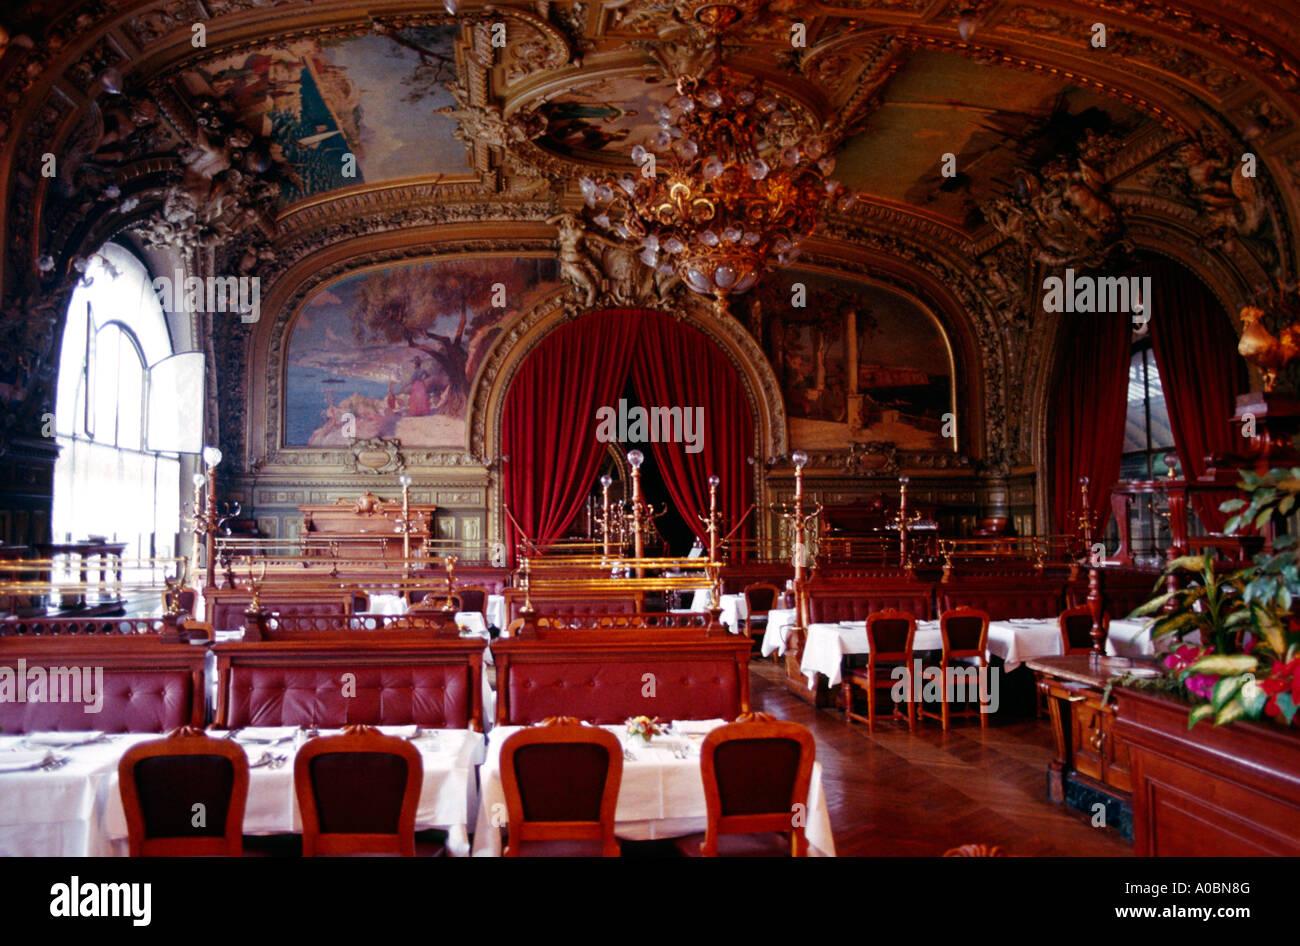 Restaurant le train bleu interieur paris stock photo for Le miroir resto paris